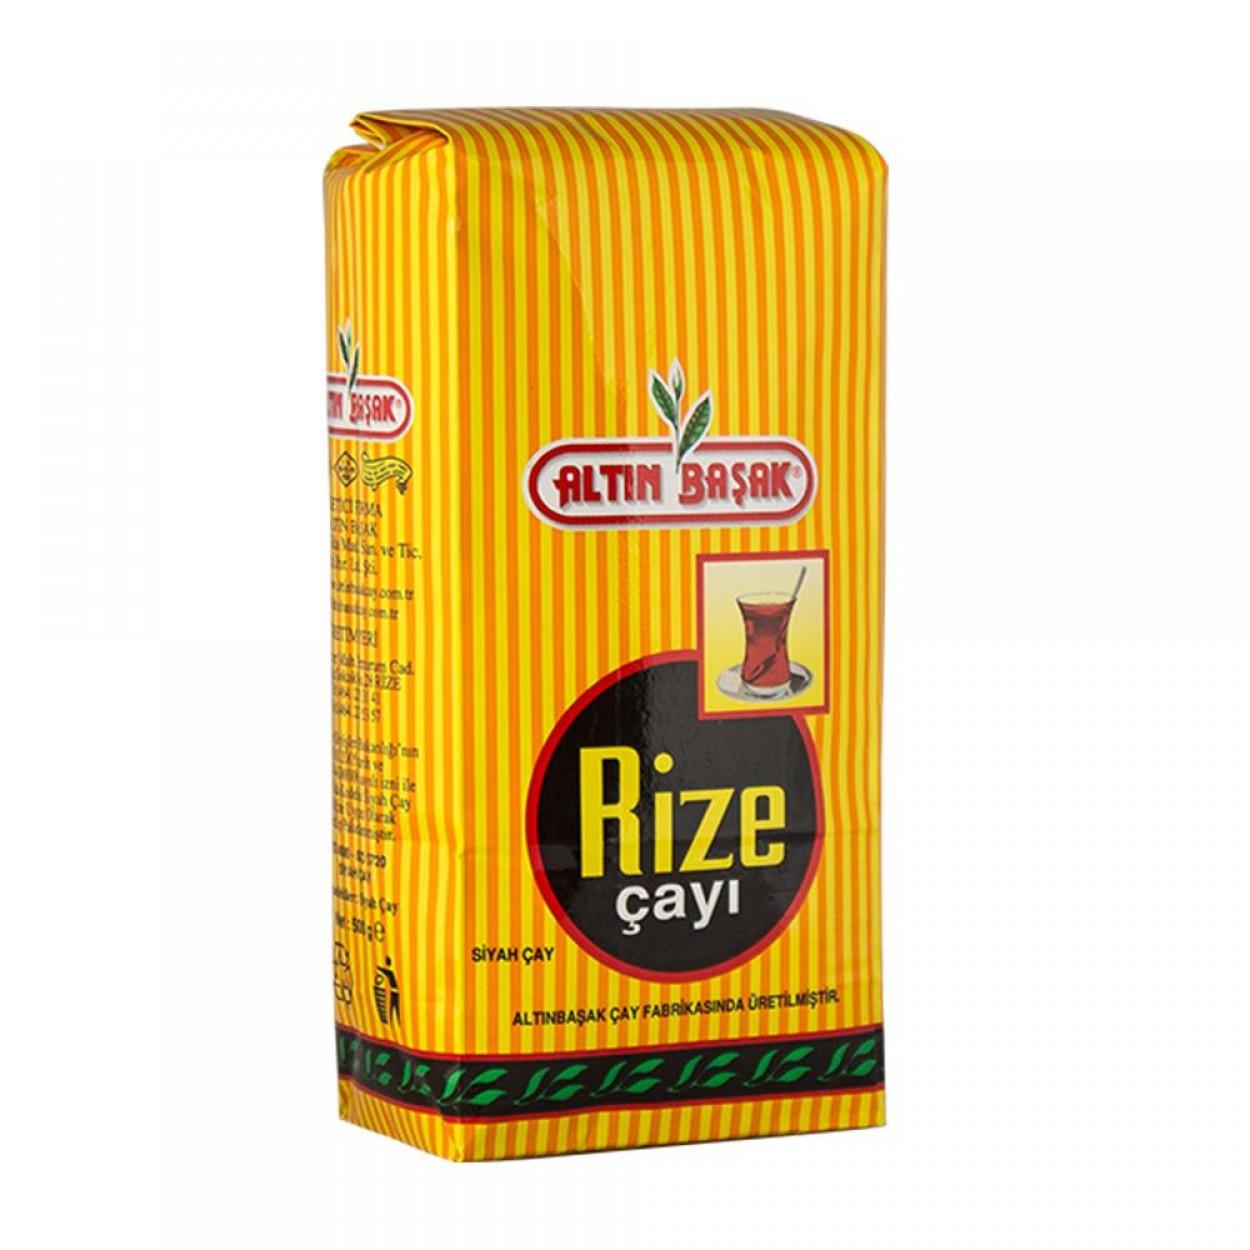 Altın Başak Rize Çayı 1000 Gram